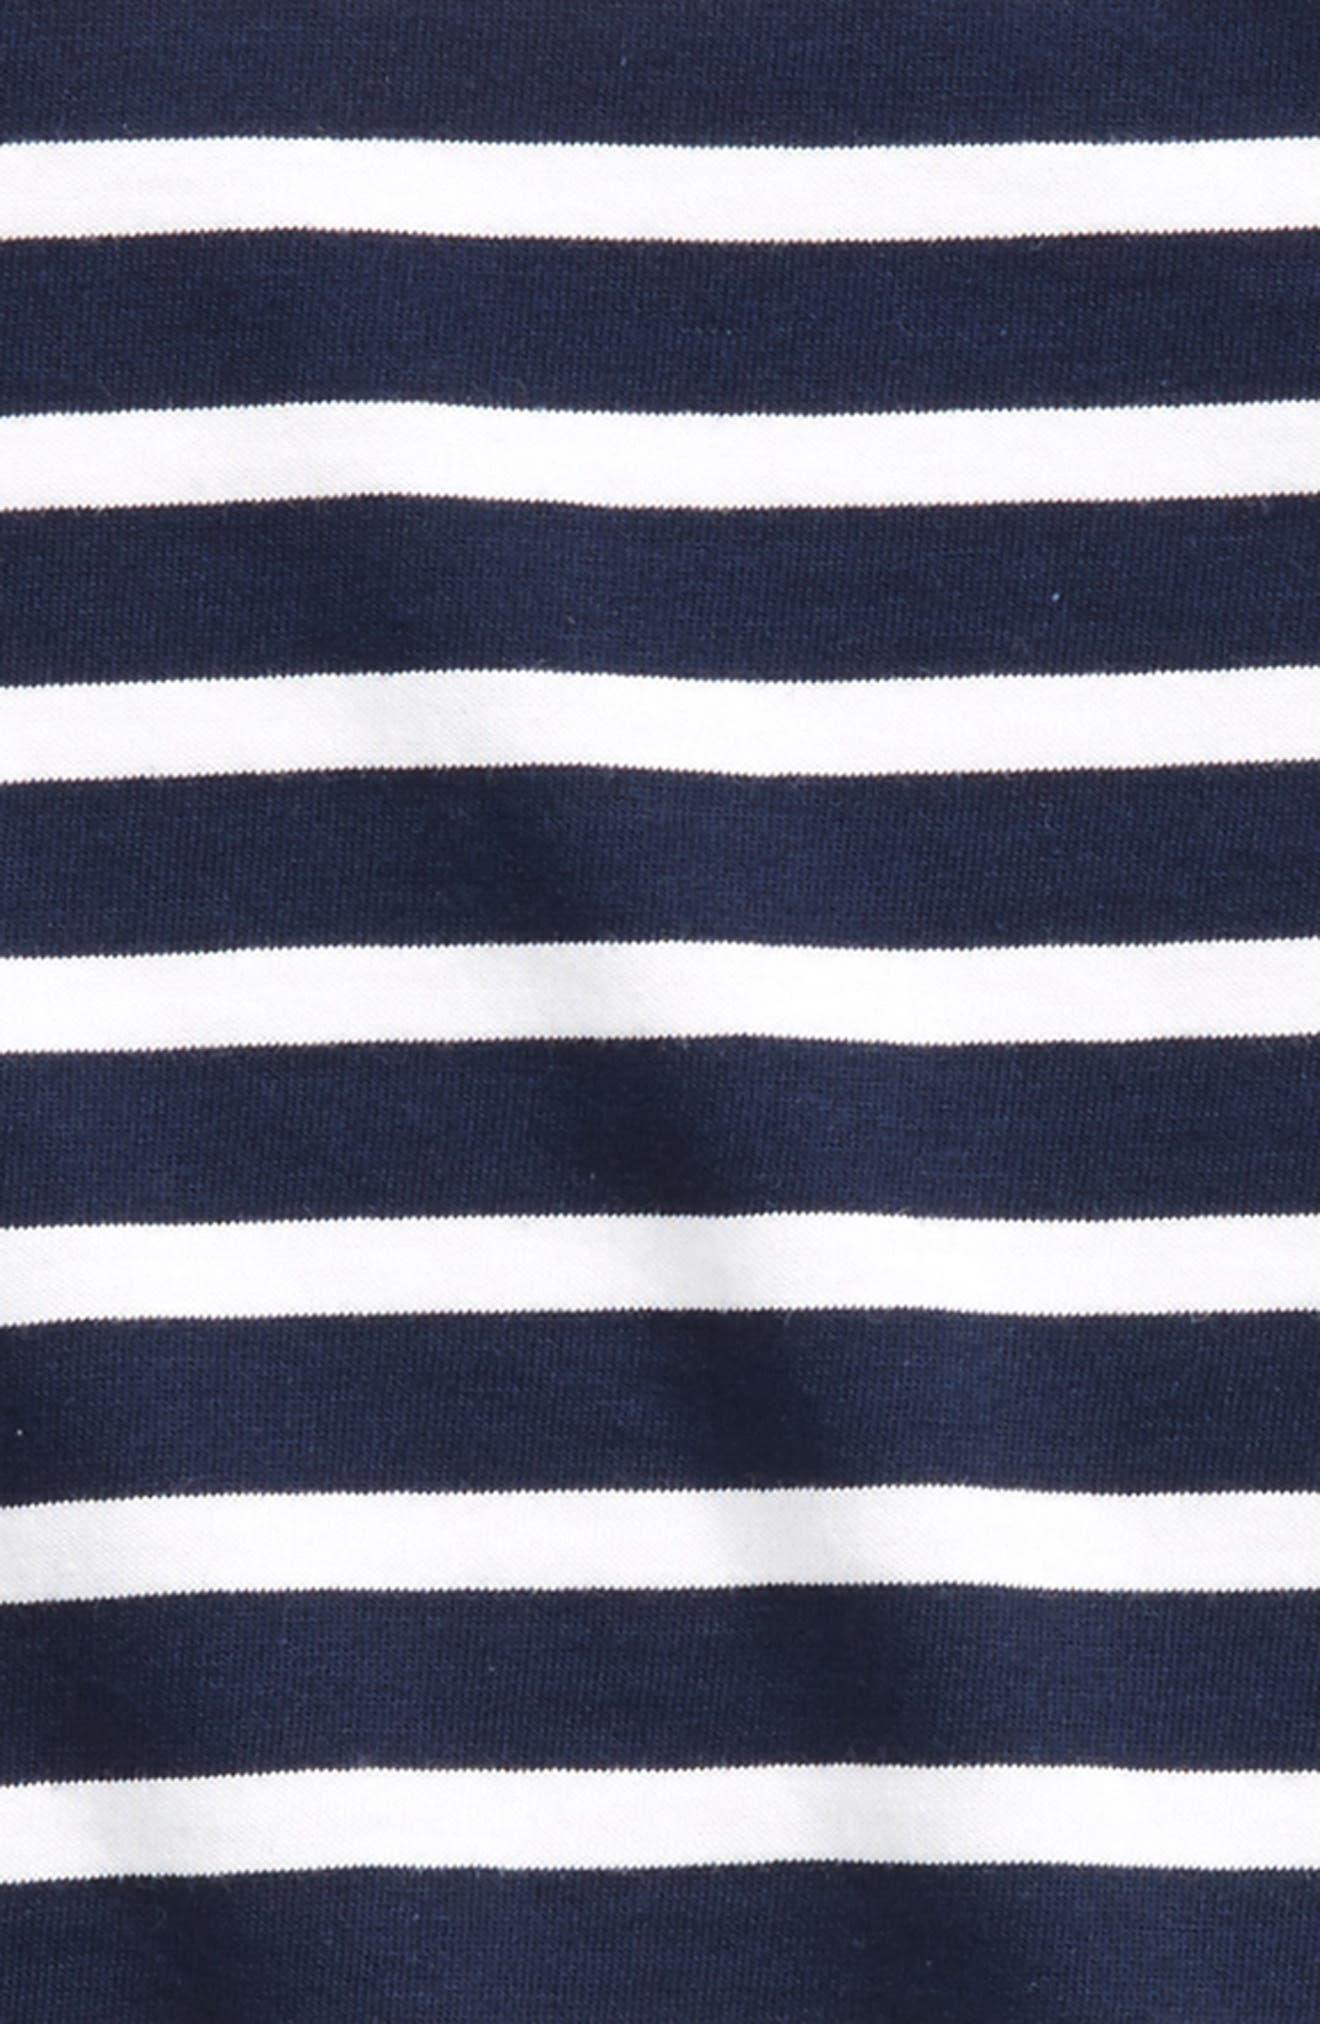 Minquiers Striped Sailor Shirt,                             Alternate thumbnail 2, color,                             400